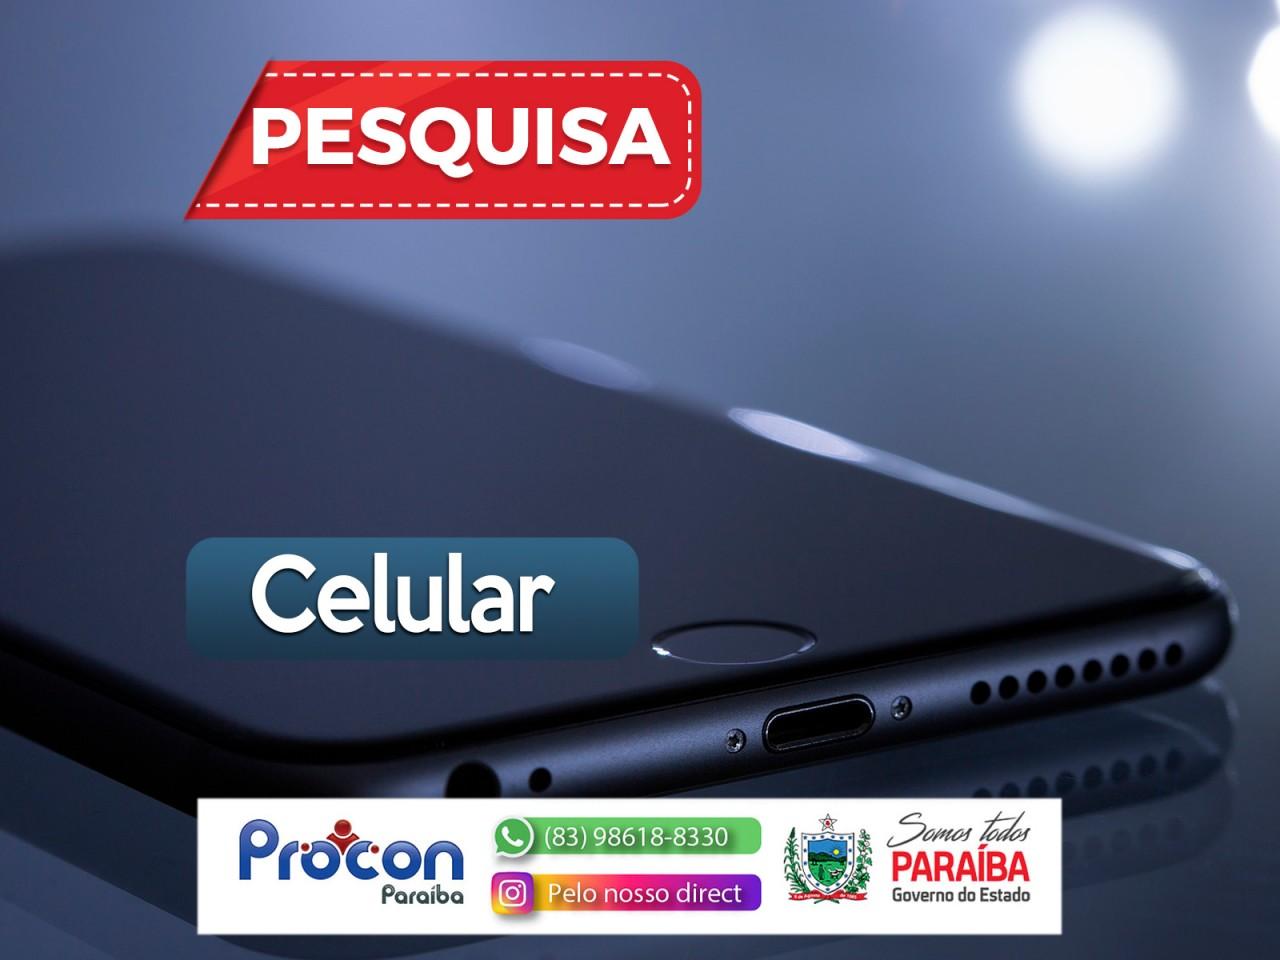 PESQUISA CELULAR - Procon-PB divulga pesquisa de preço de celular em estabelecimentos de João Pessoa - CONFIRA